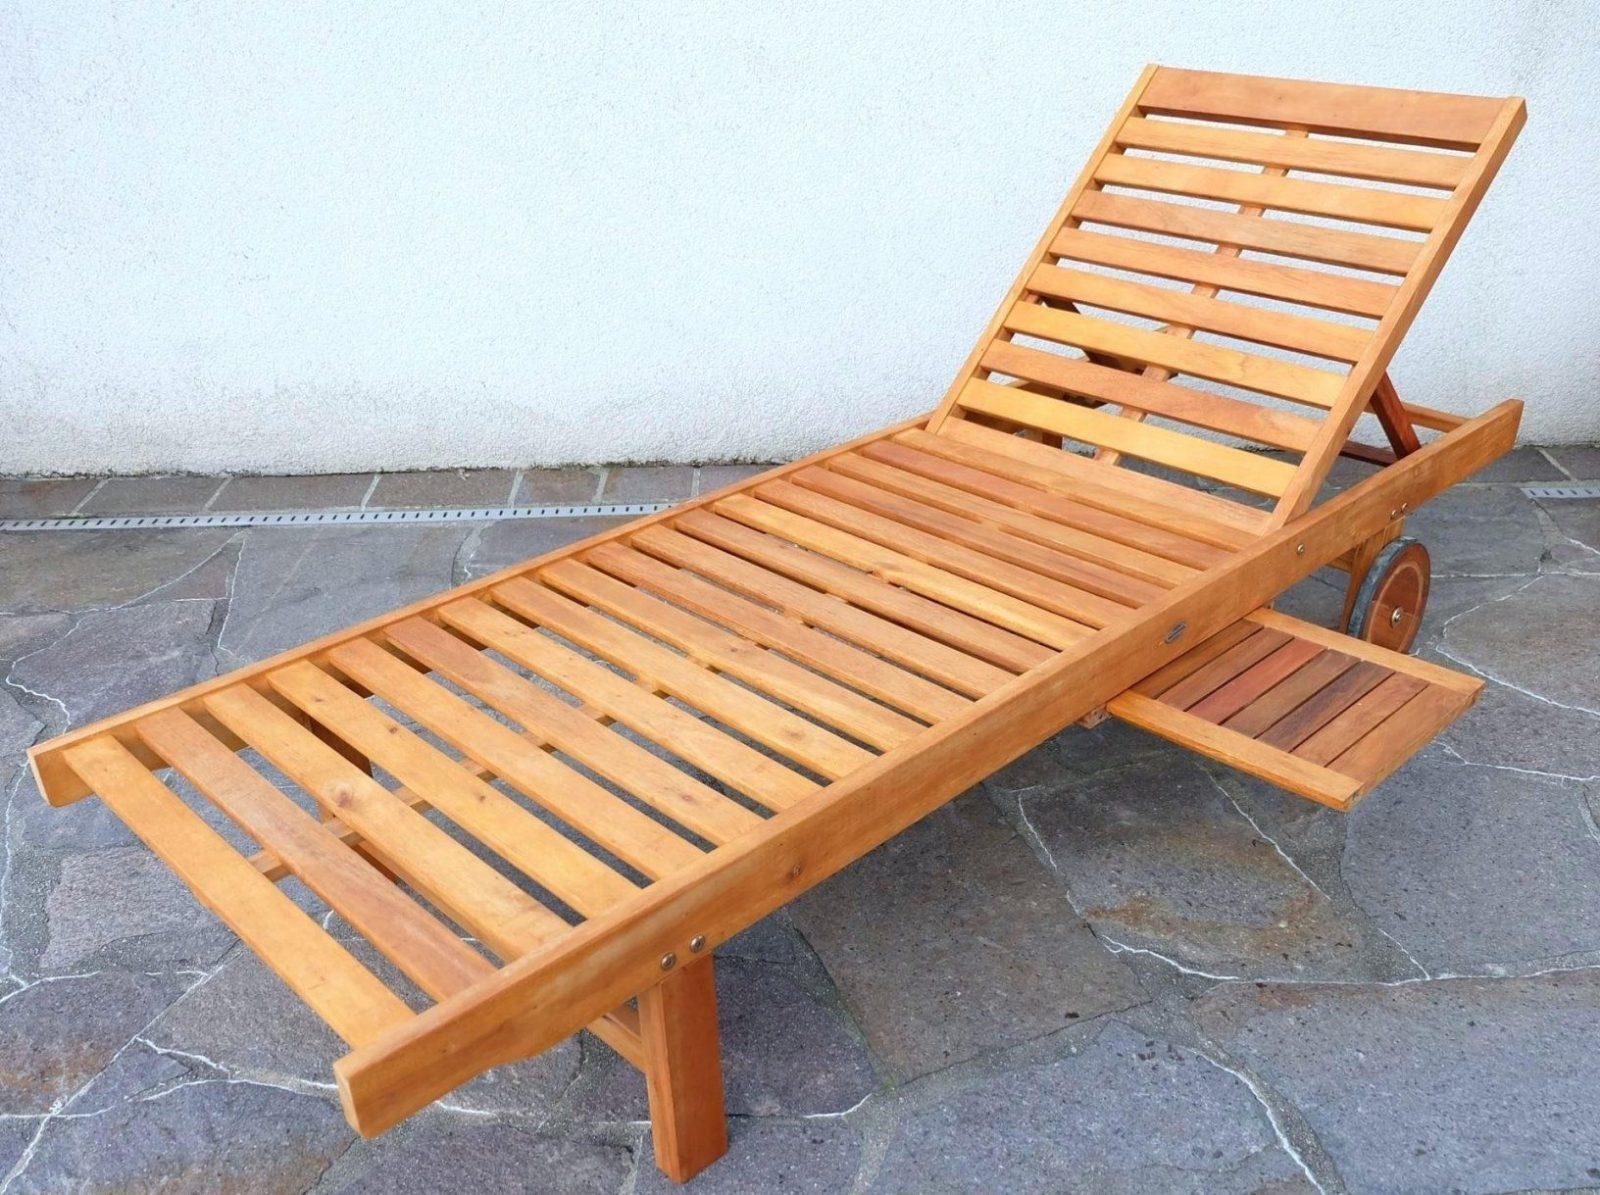 Wunderschöne Liegestuhl Selber Bauen Klappliegestuhl Holz Gunstig von Holz Liegestuhl Selber Bauen Photo